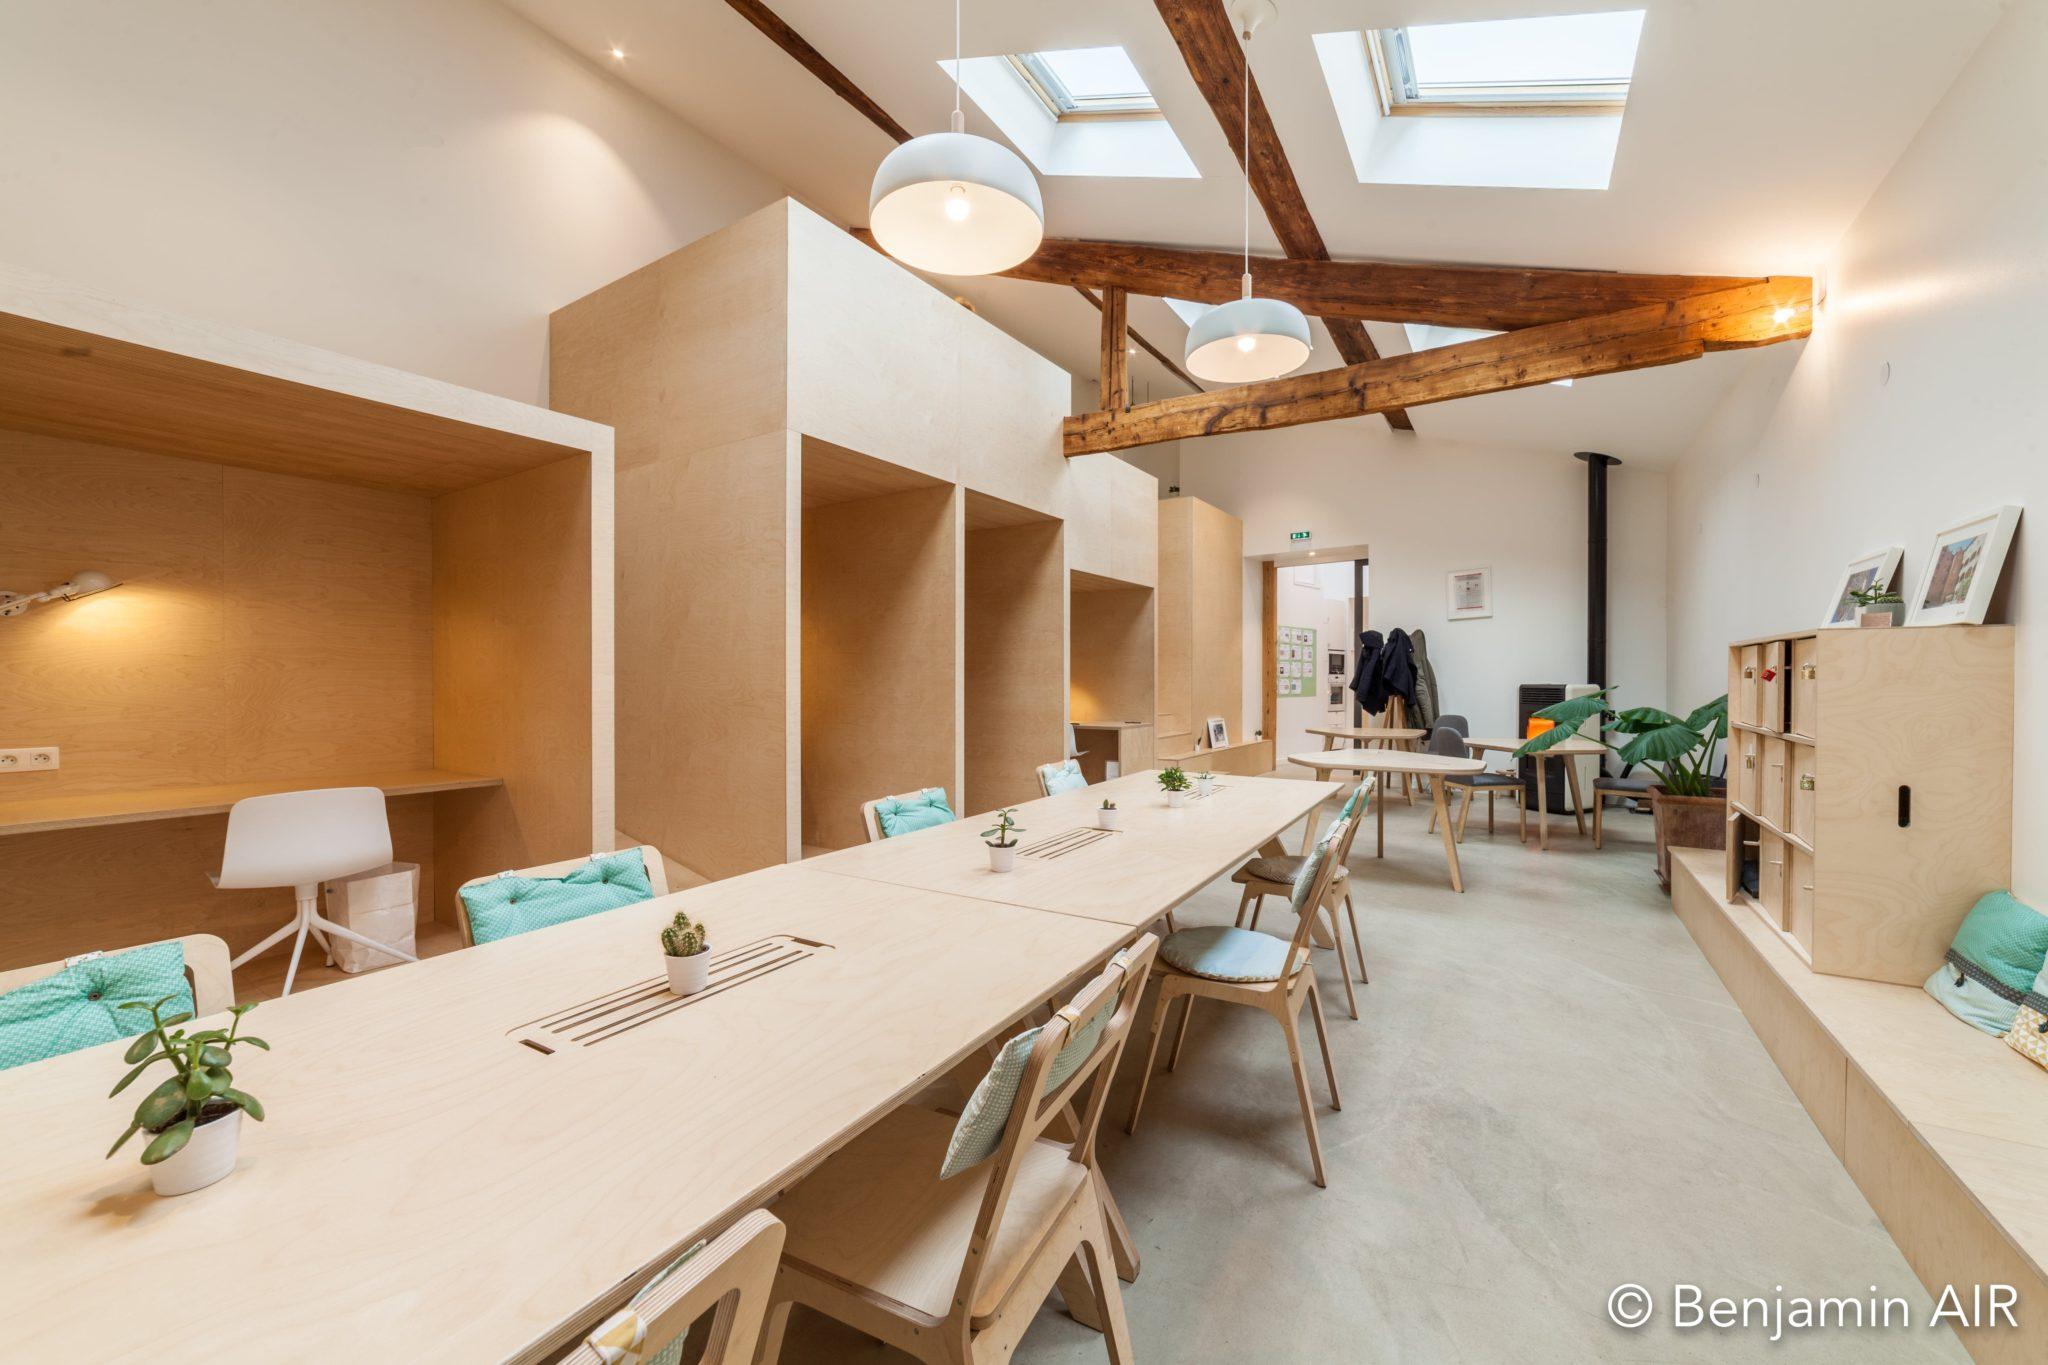 MIX Coworking - espace de coworking à Tassin-la-Demi-Lune, Francheville et Ecully